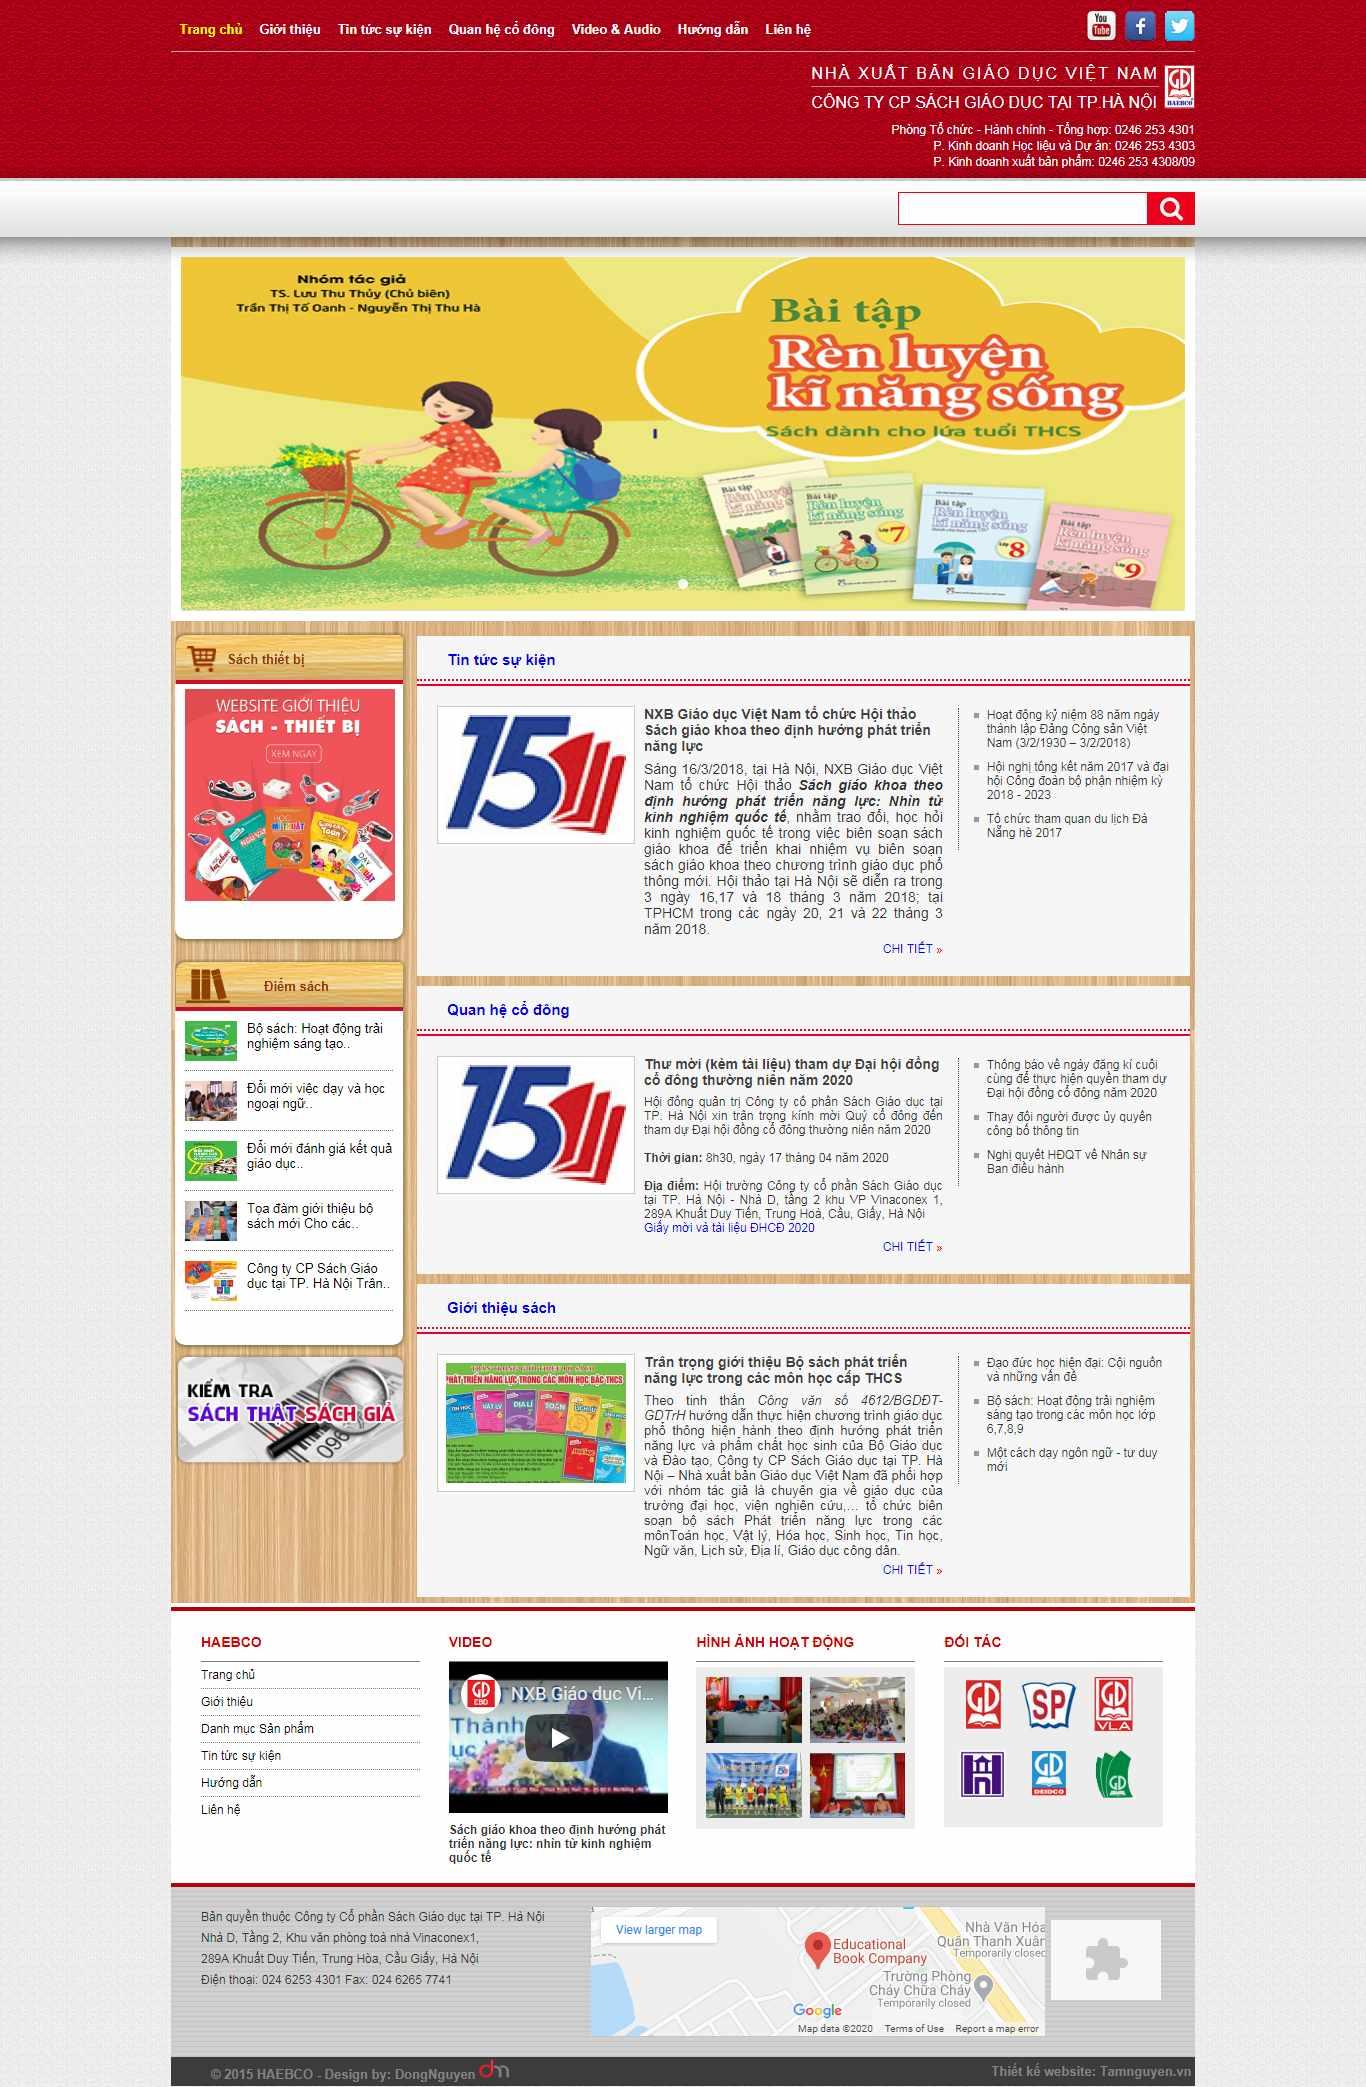 Thiết kế web sách giáo khoa - sachgiaoduchanoi.vn